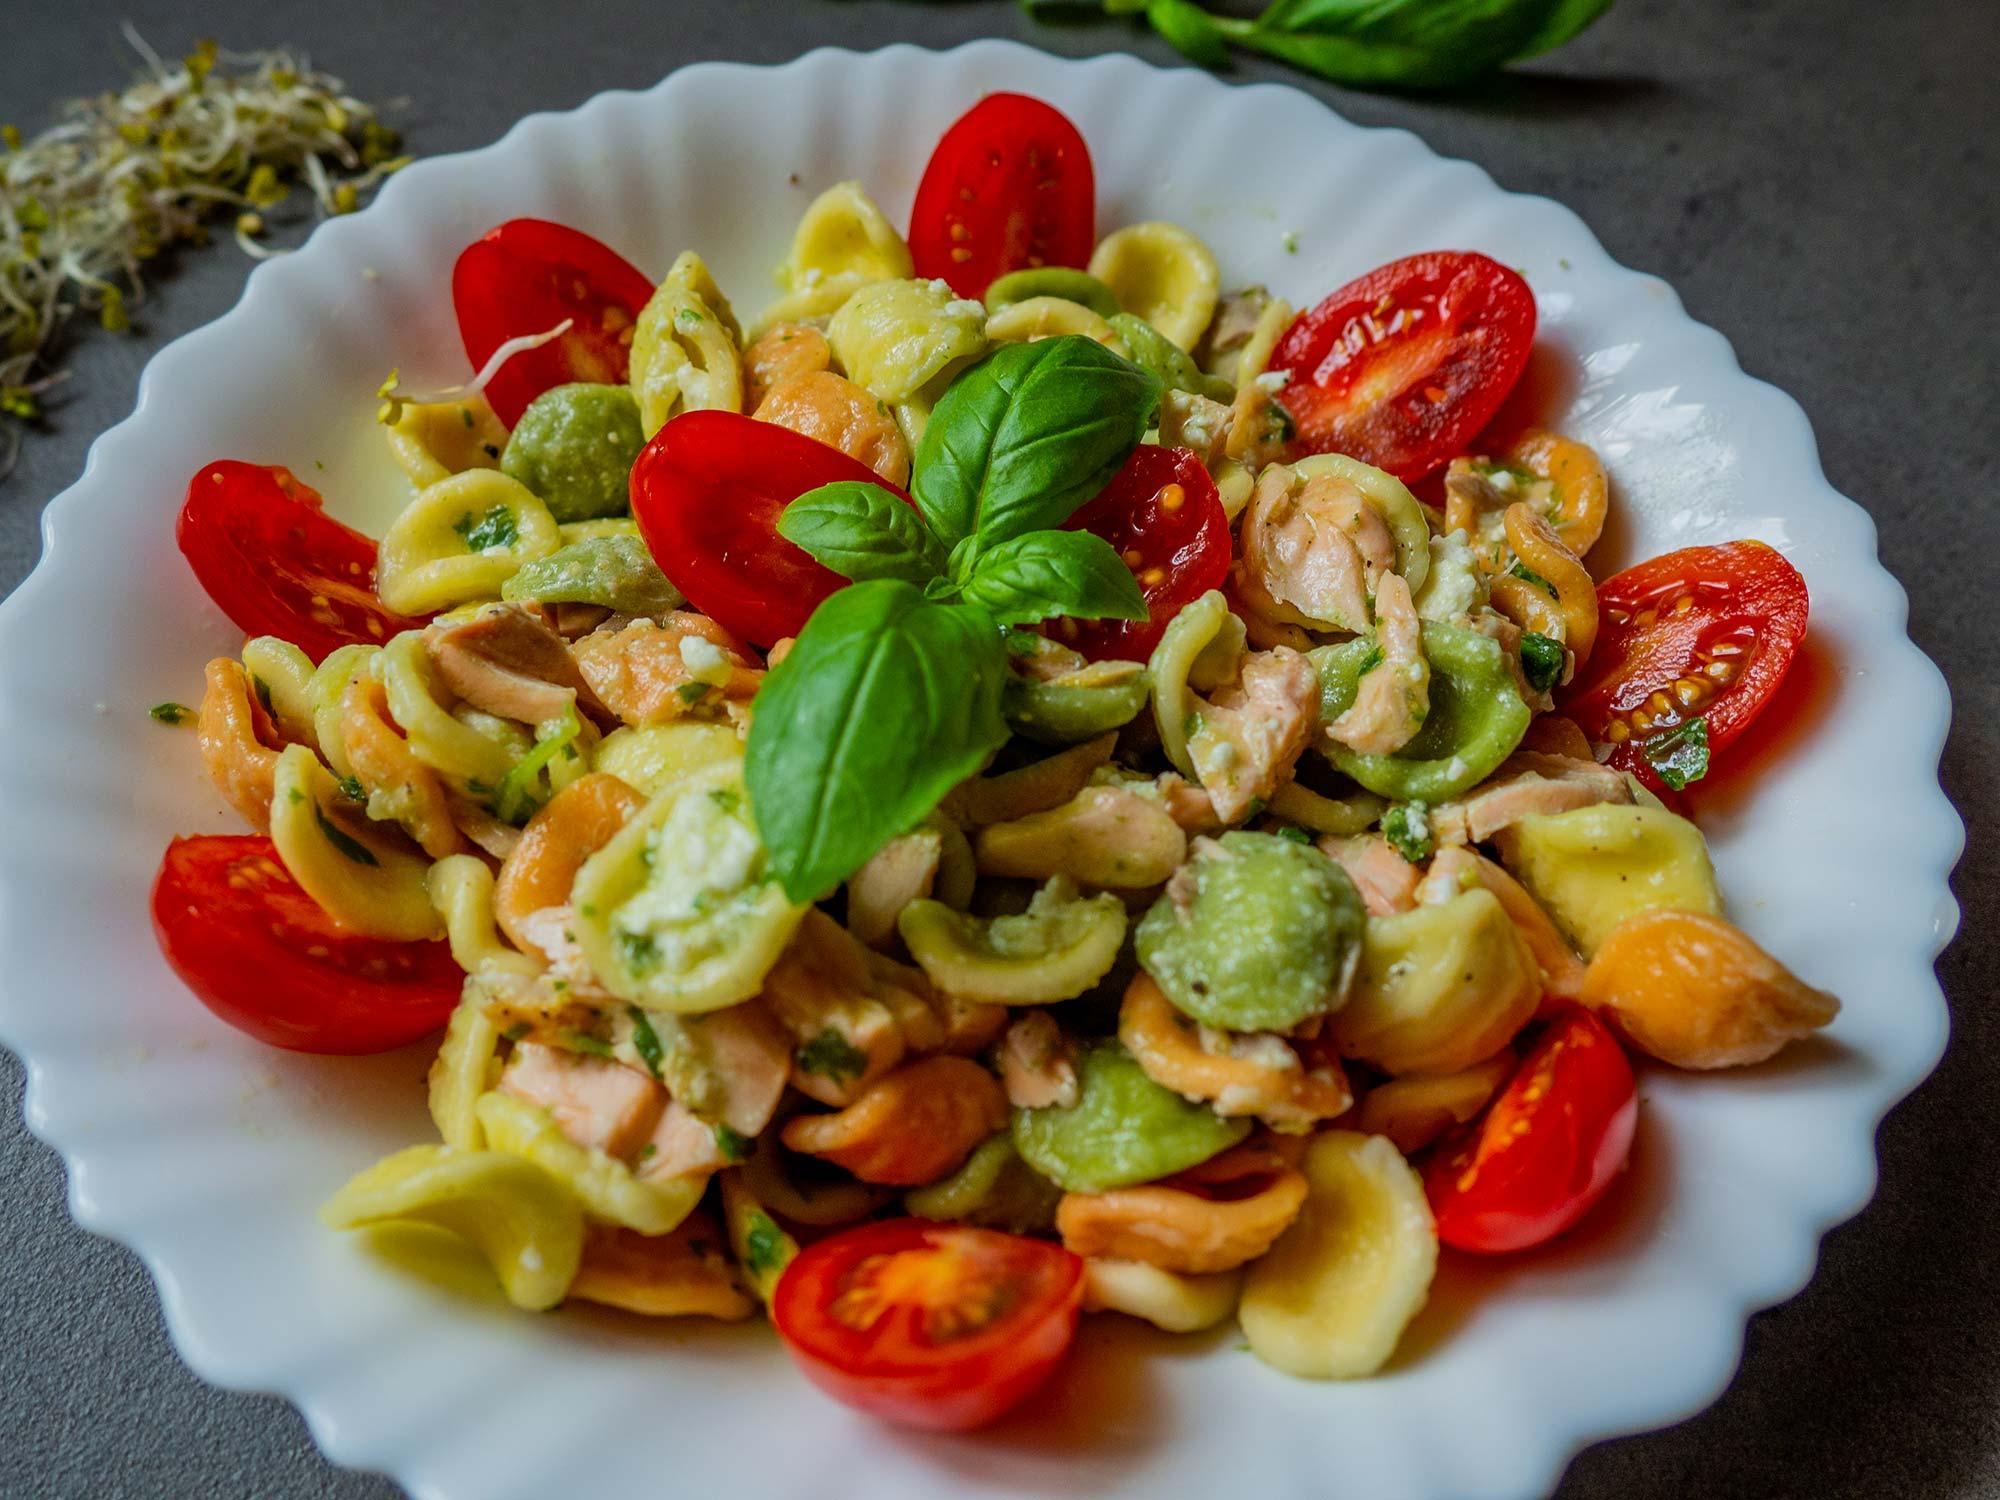 Pesto with basil pesto